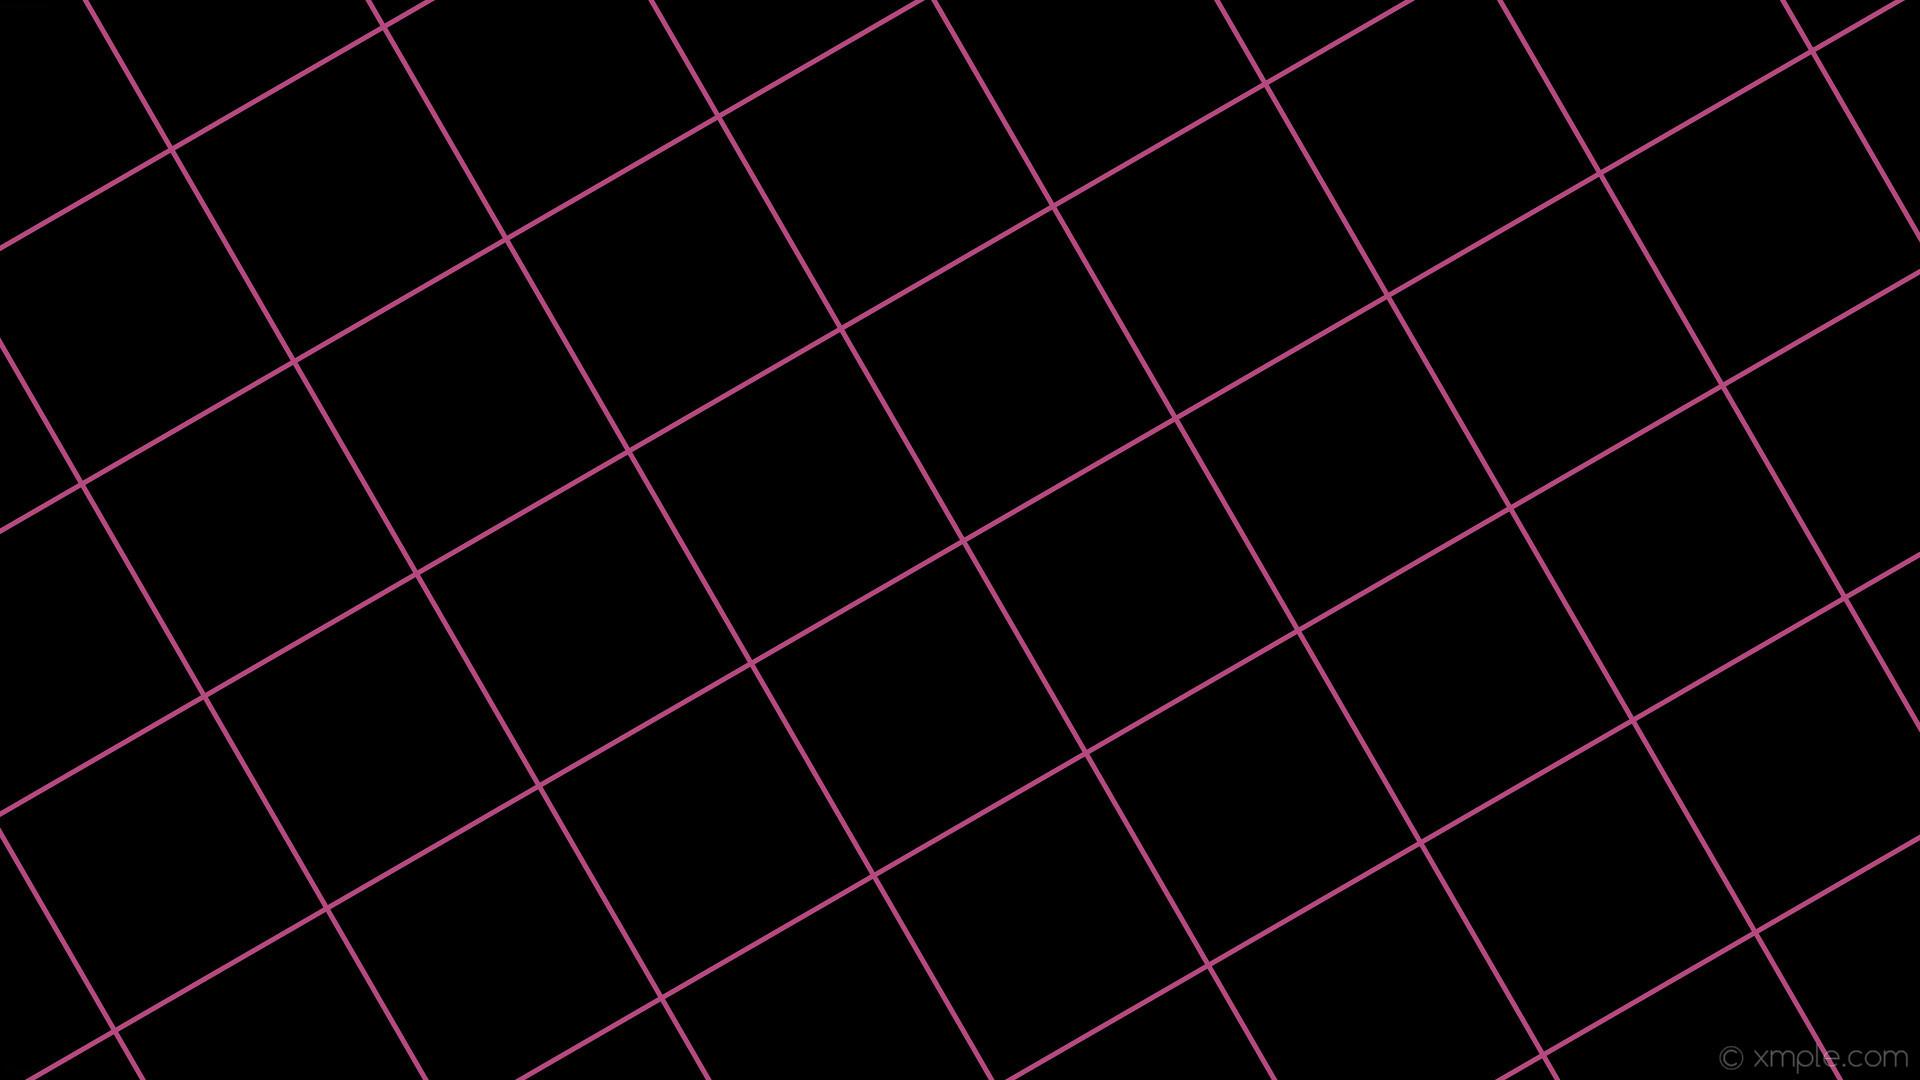 Res: 1920x1080, Hier bei xshyfc.com können Sie kostenlos herunterladen mehr als drei  Millionen Wallpaper Sammlungen von den Nutzern hochgeladen. Alle Bilder  sind CC0.